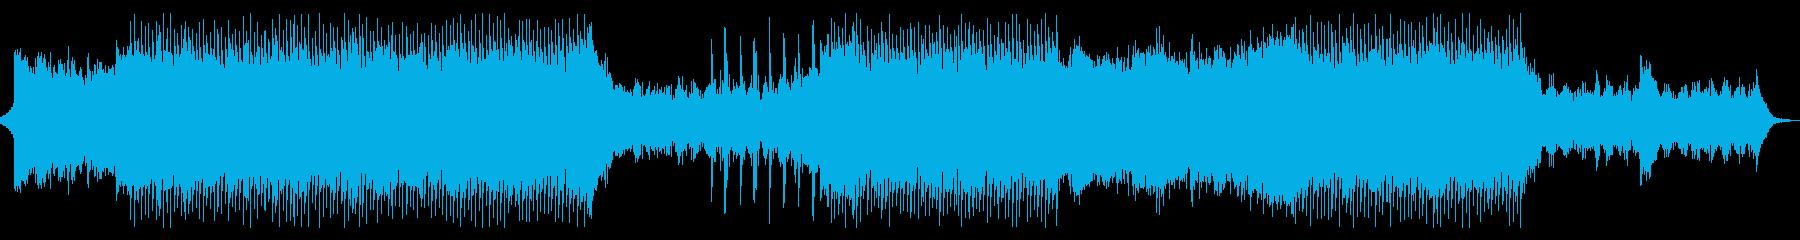 篠笛を使った元気で明るい和風EDMの再生済みの波形